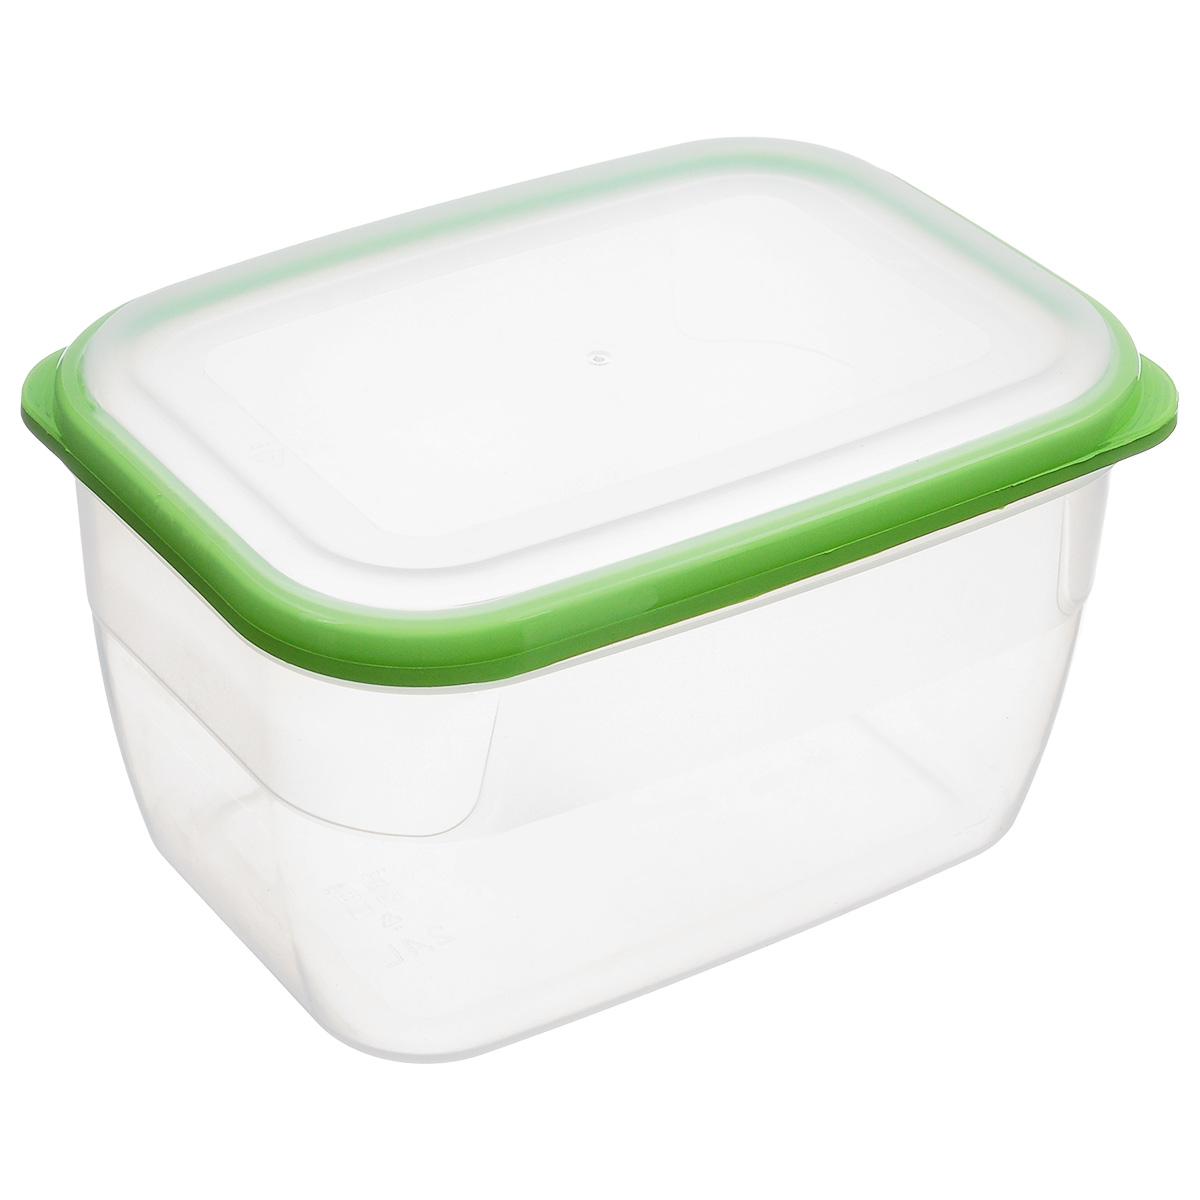 Контейнер Полимербыт Премиум, цвет: прозрачный, салатовый, 2,4 лС563_салатовый, прозрачныйКонтейнер Полимербыт Премиум прямоугольной формы, изготовленный из прочного пластика, предназначен специально для хранения пищевых продуктов. Крышка легко открывается и плотно закрывается. Контейнер устойчив к воздействию масел и жиров, легко моется. Прозрачные стенки позволяют видеть содержимое. Контейнер имеет возможность хранения продуктов глубокой заморозки, обладает высокой прочностью. Можно мыть в посудомоечной машине. Подходит для использования в микроволновых печах.